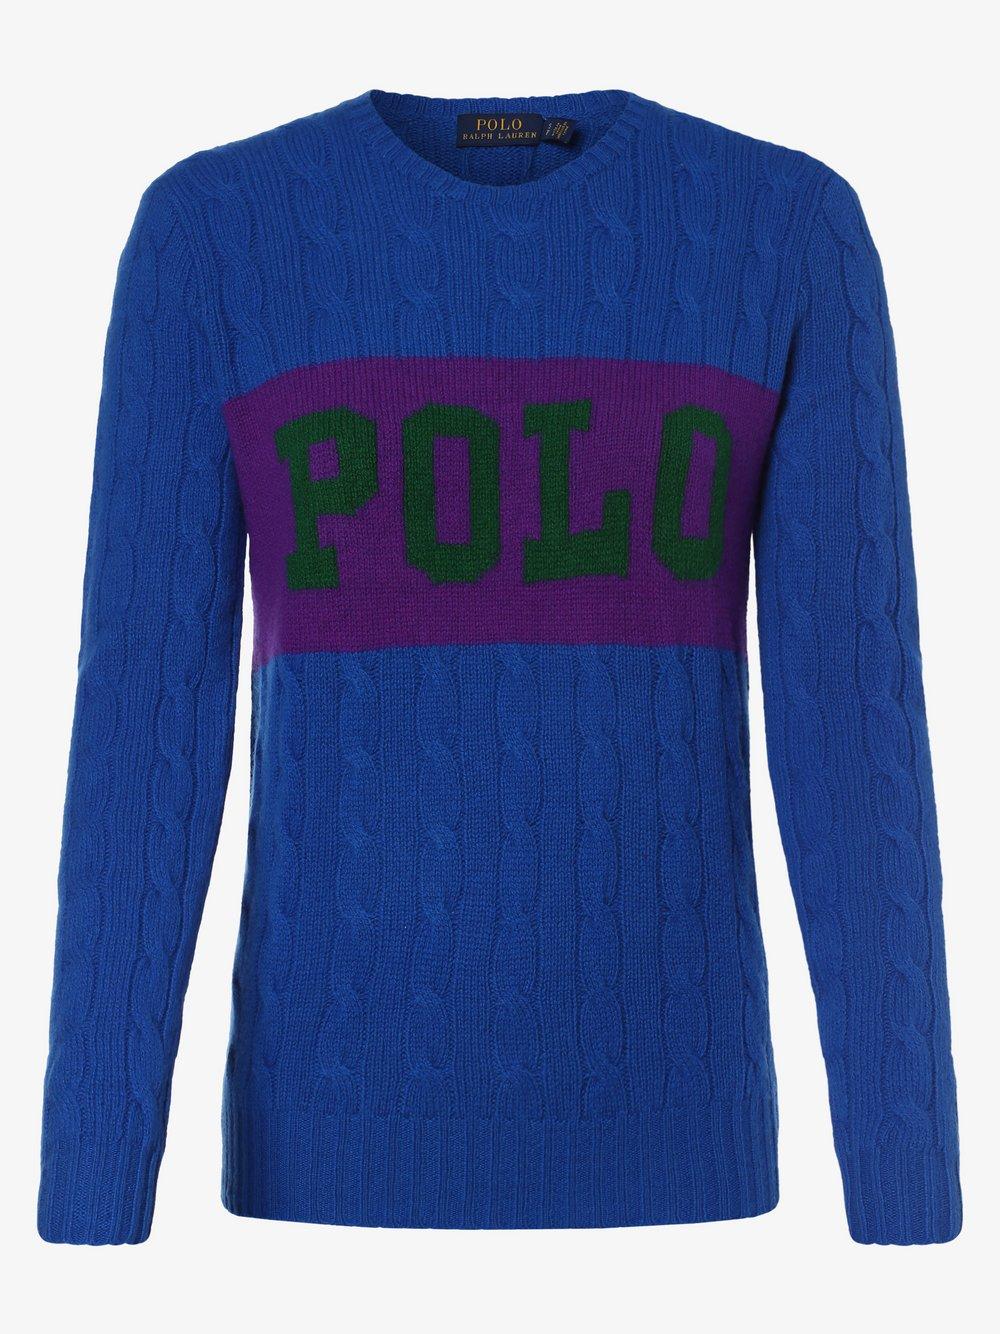 Polo Ralph Lauren - Sweter damski z dodatkiem kaszmiru, niebieski